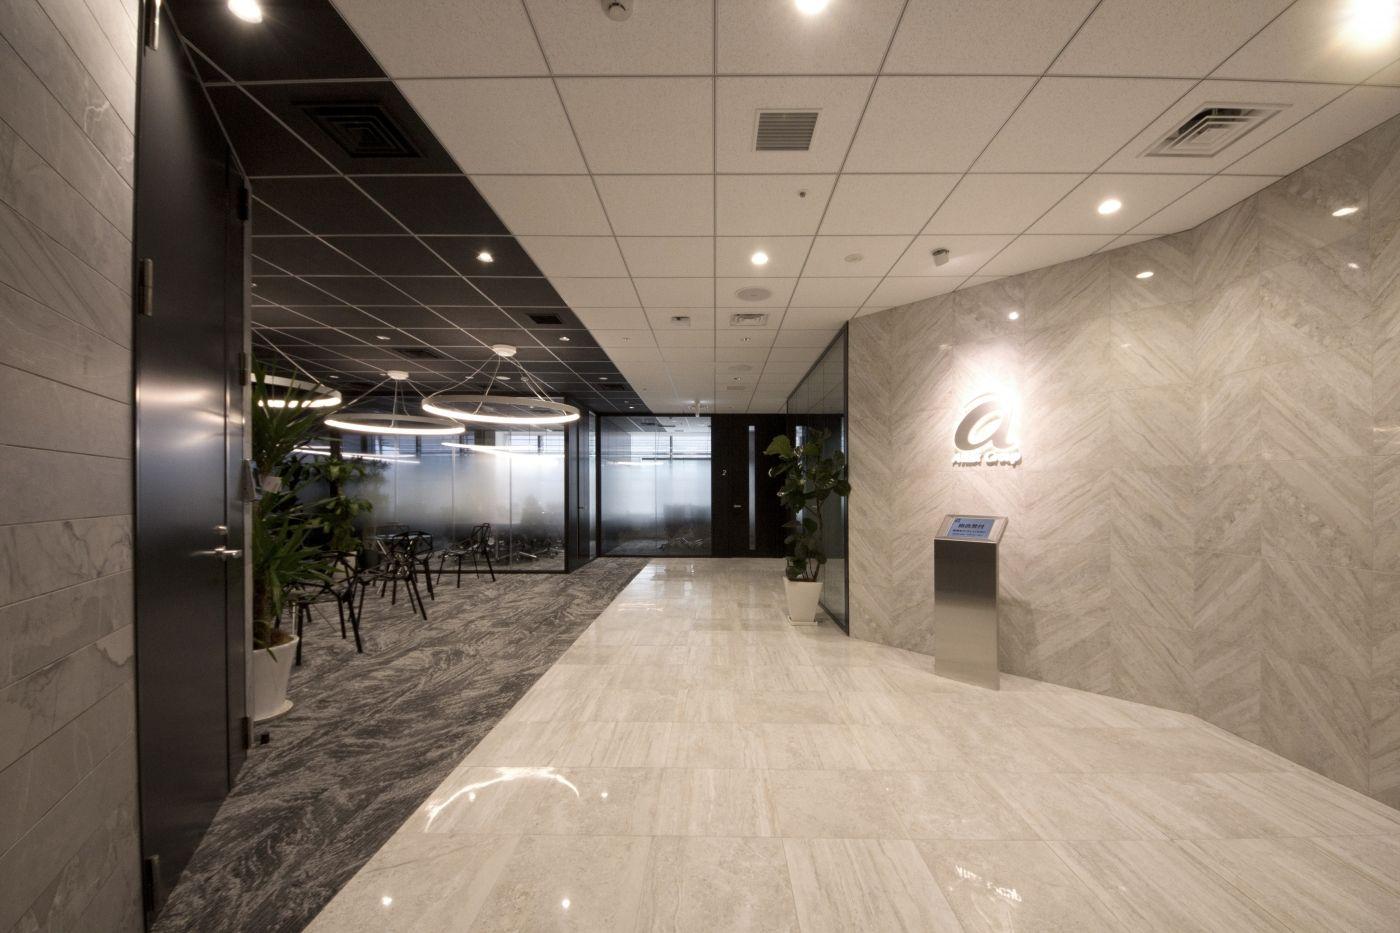 白から黒のグラデーション 光溢れるオフィス空間 デザイナーズオフィスのヴィス オフィスデザイン オフィスレセプション オフィス